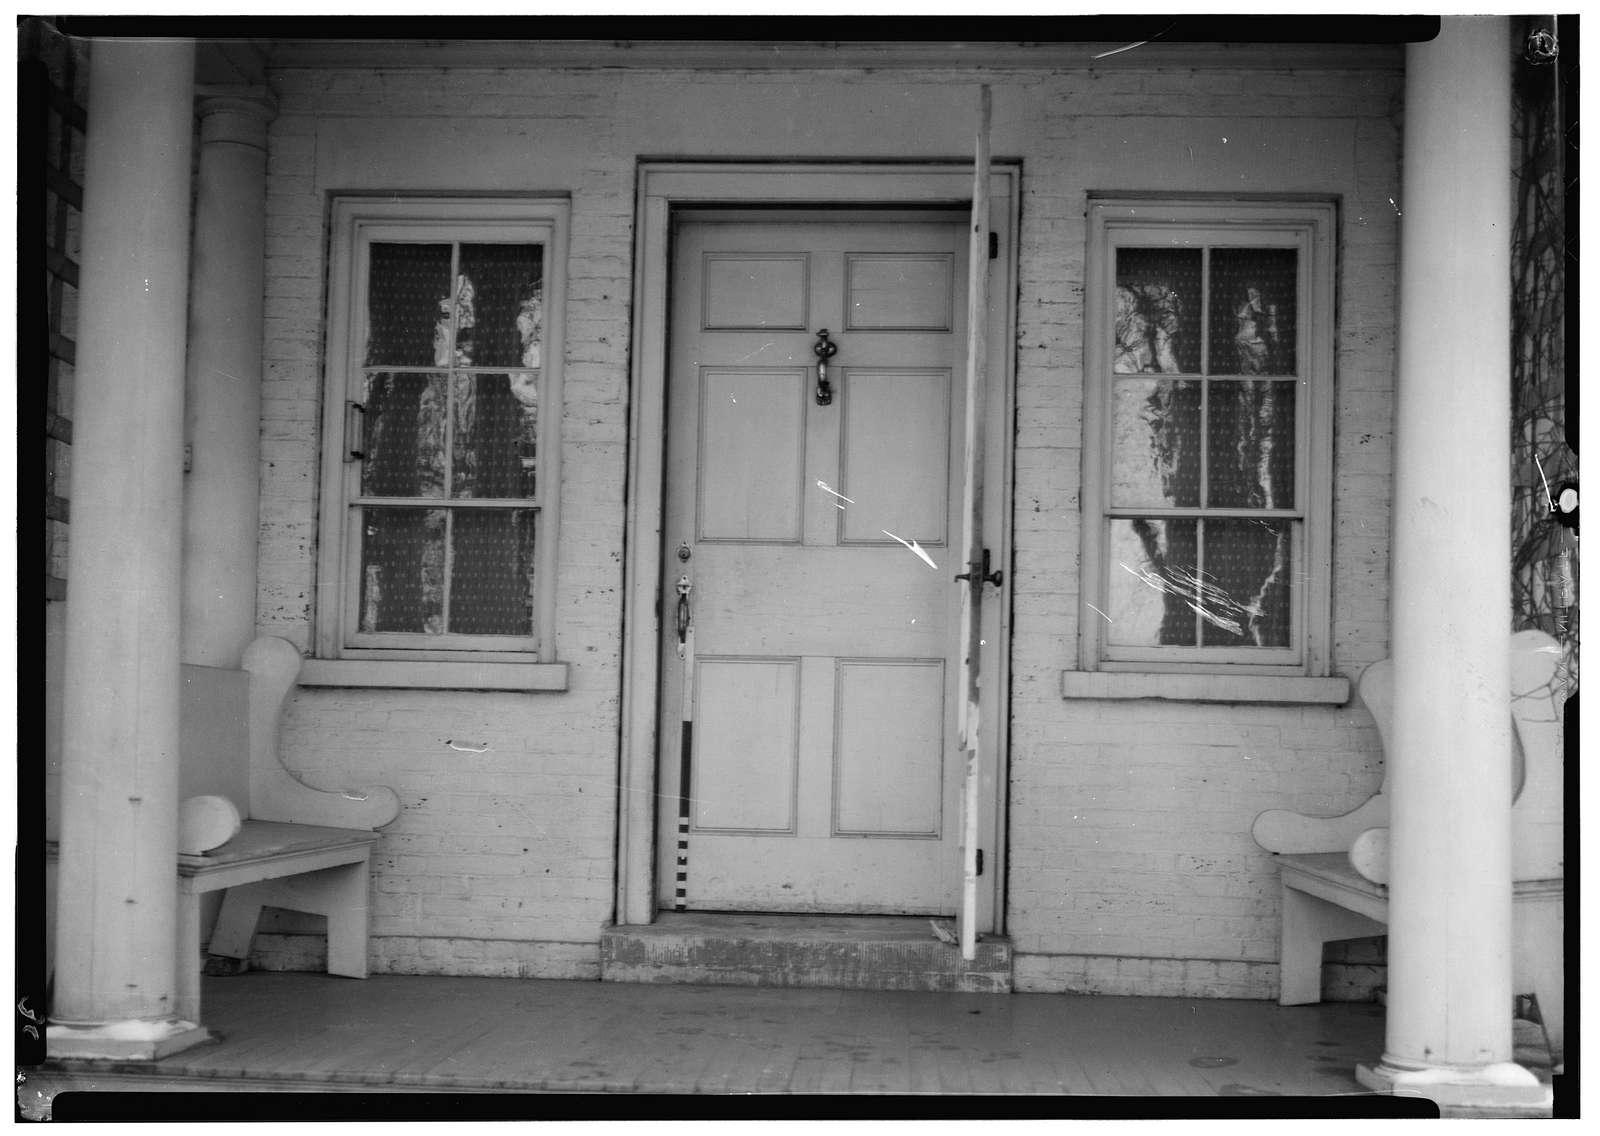 Van Alstyne House, Canajoharie, Montgomery County, NY